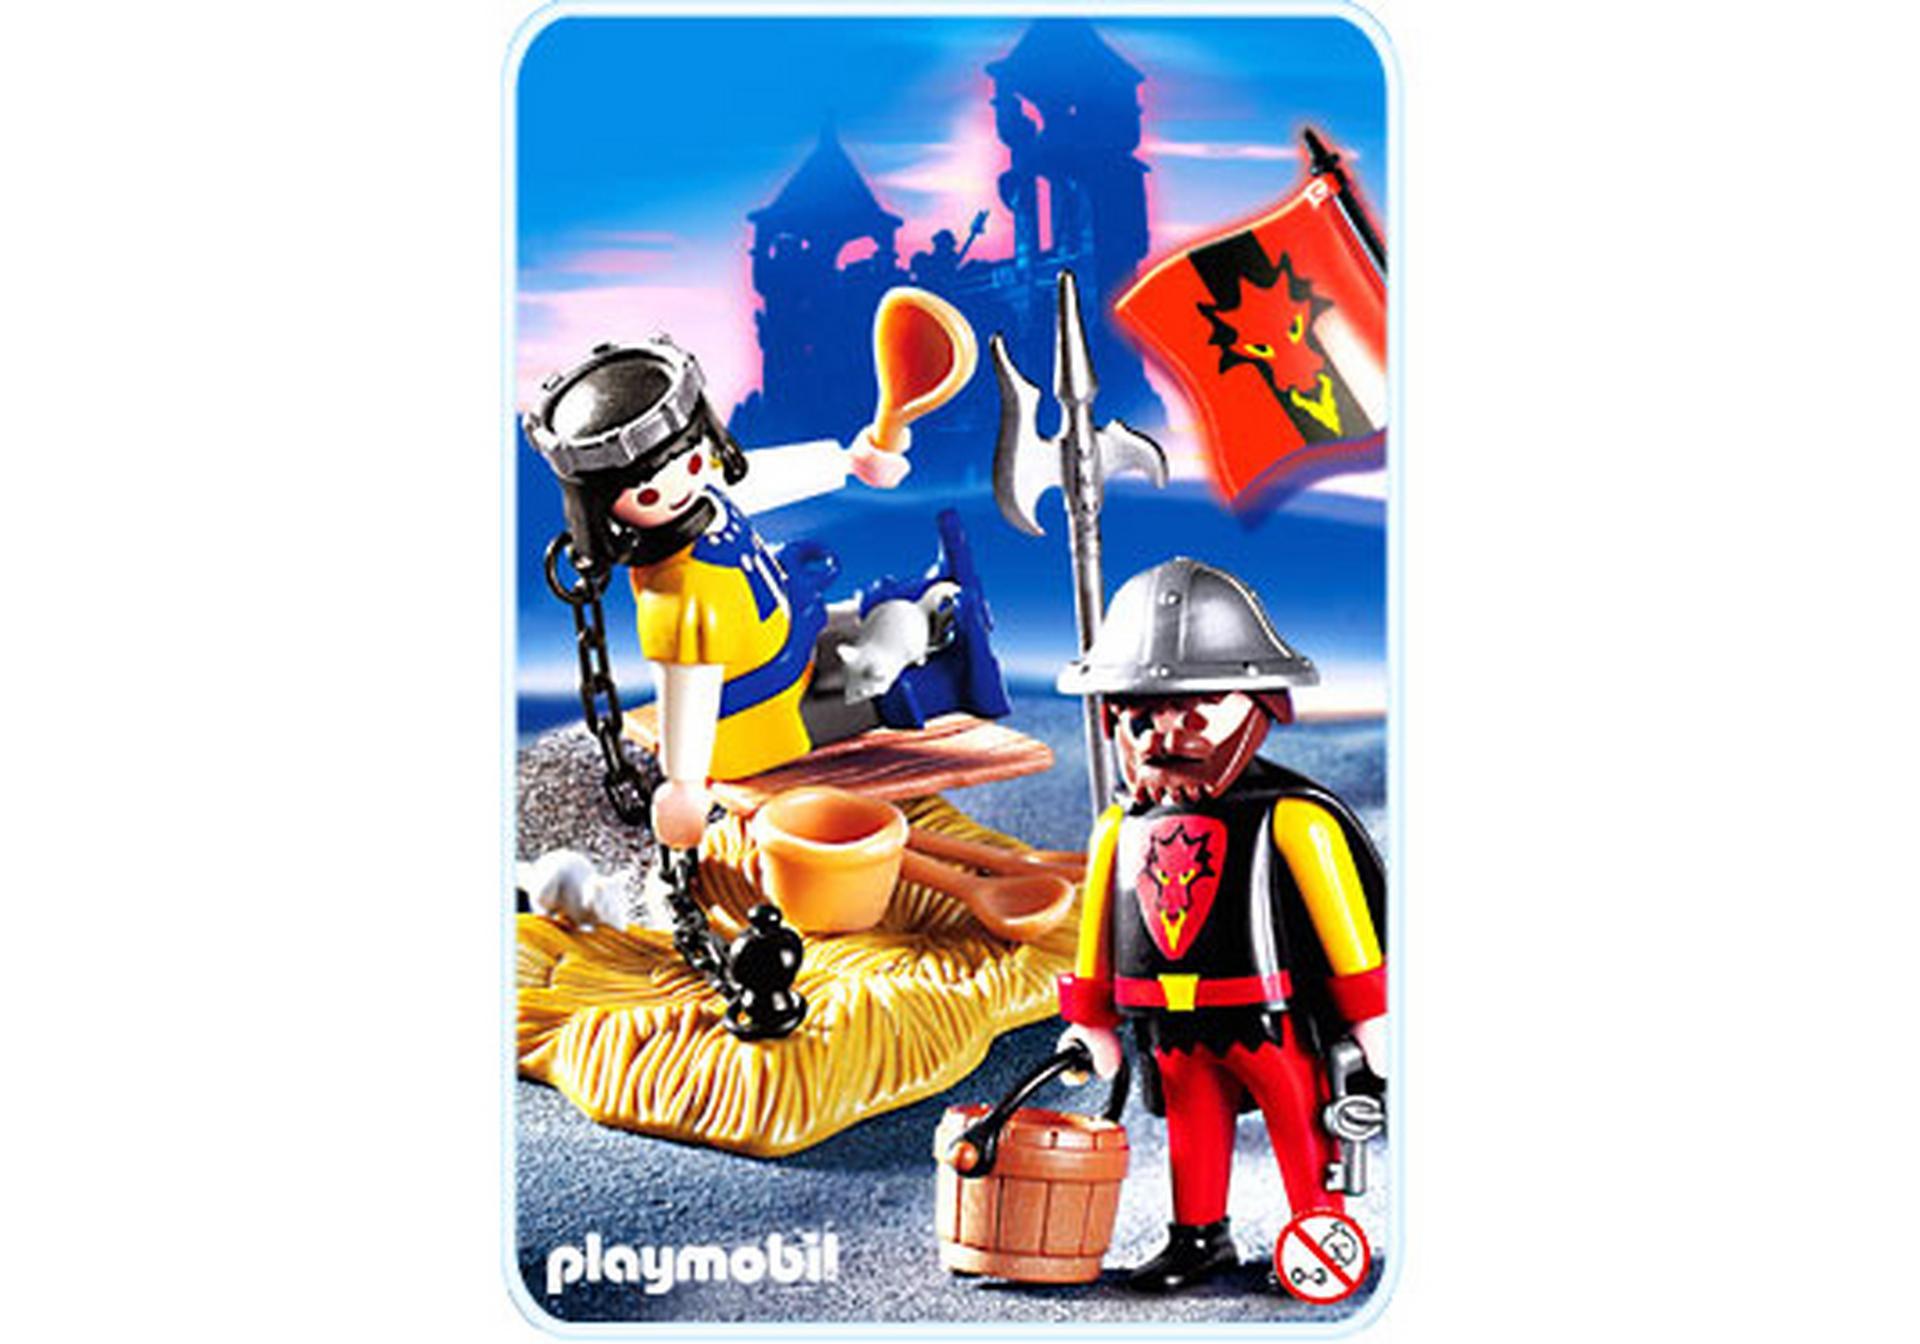 Gefangener prinz mit wachposten 3328 b playmobil for Jugendzimmer playmobil